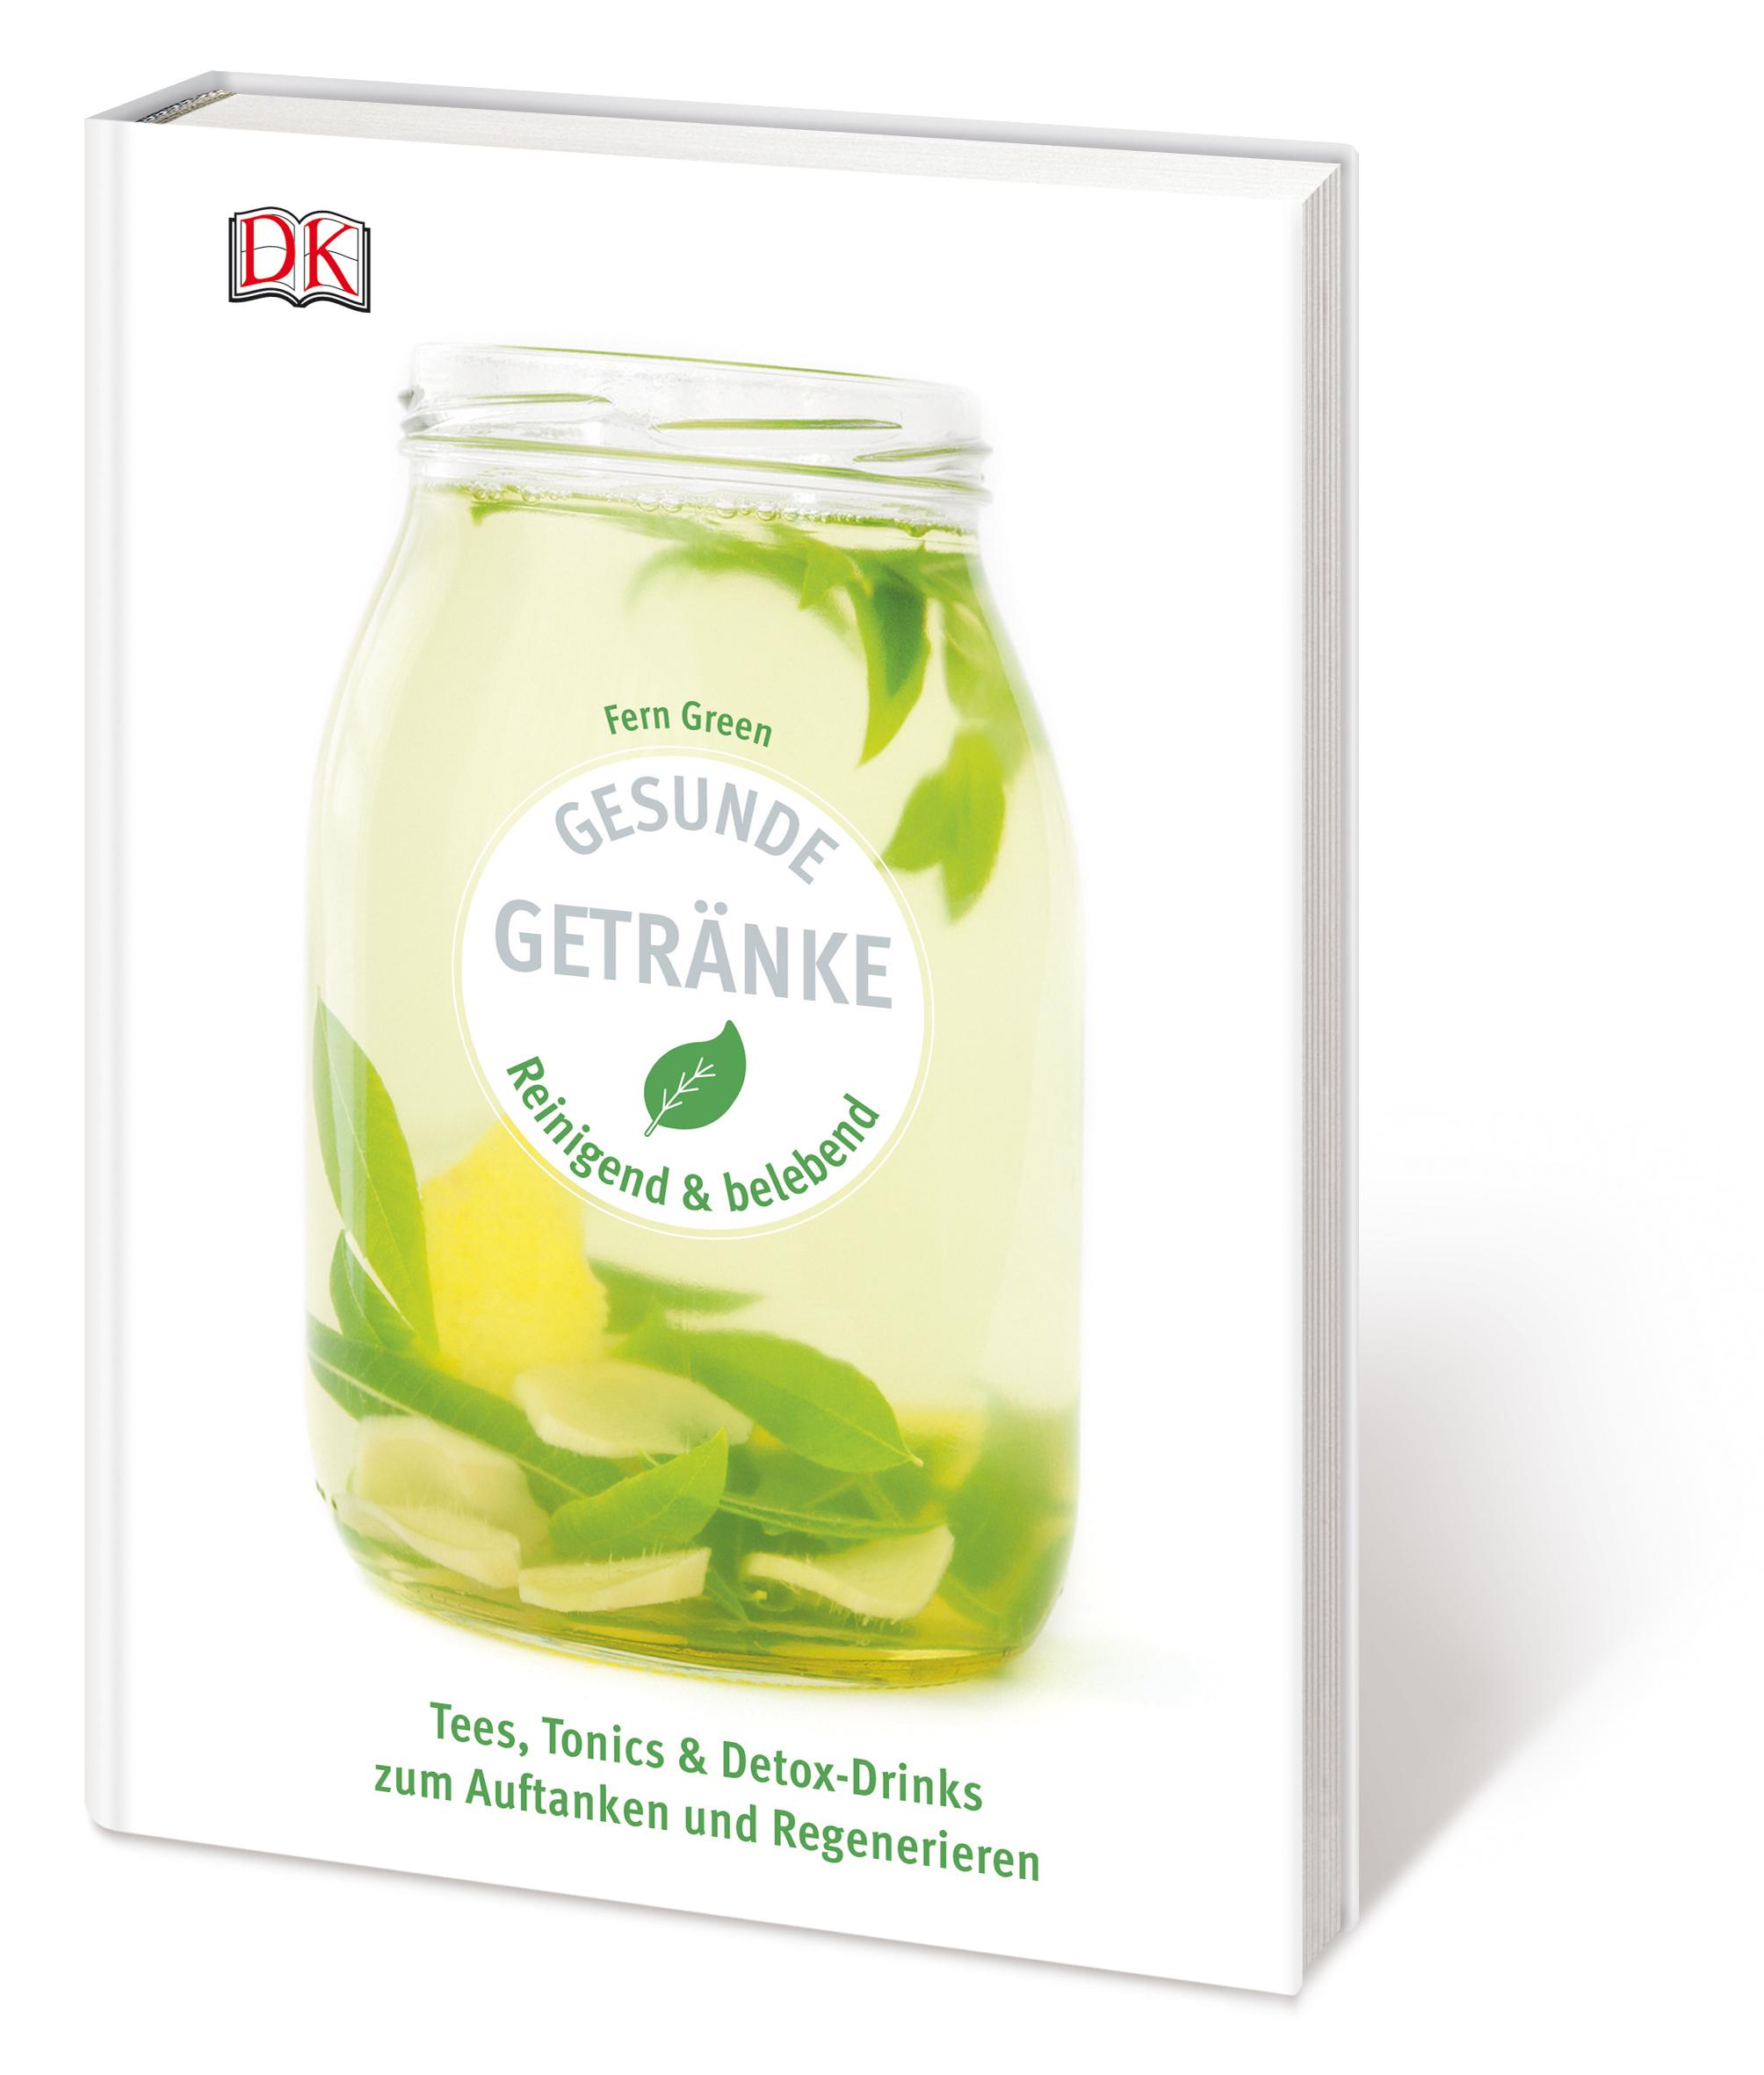 Einfach gesund mit DK   DK Verlag